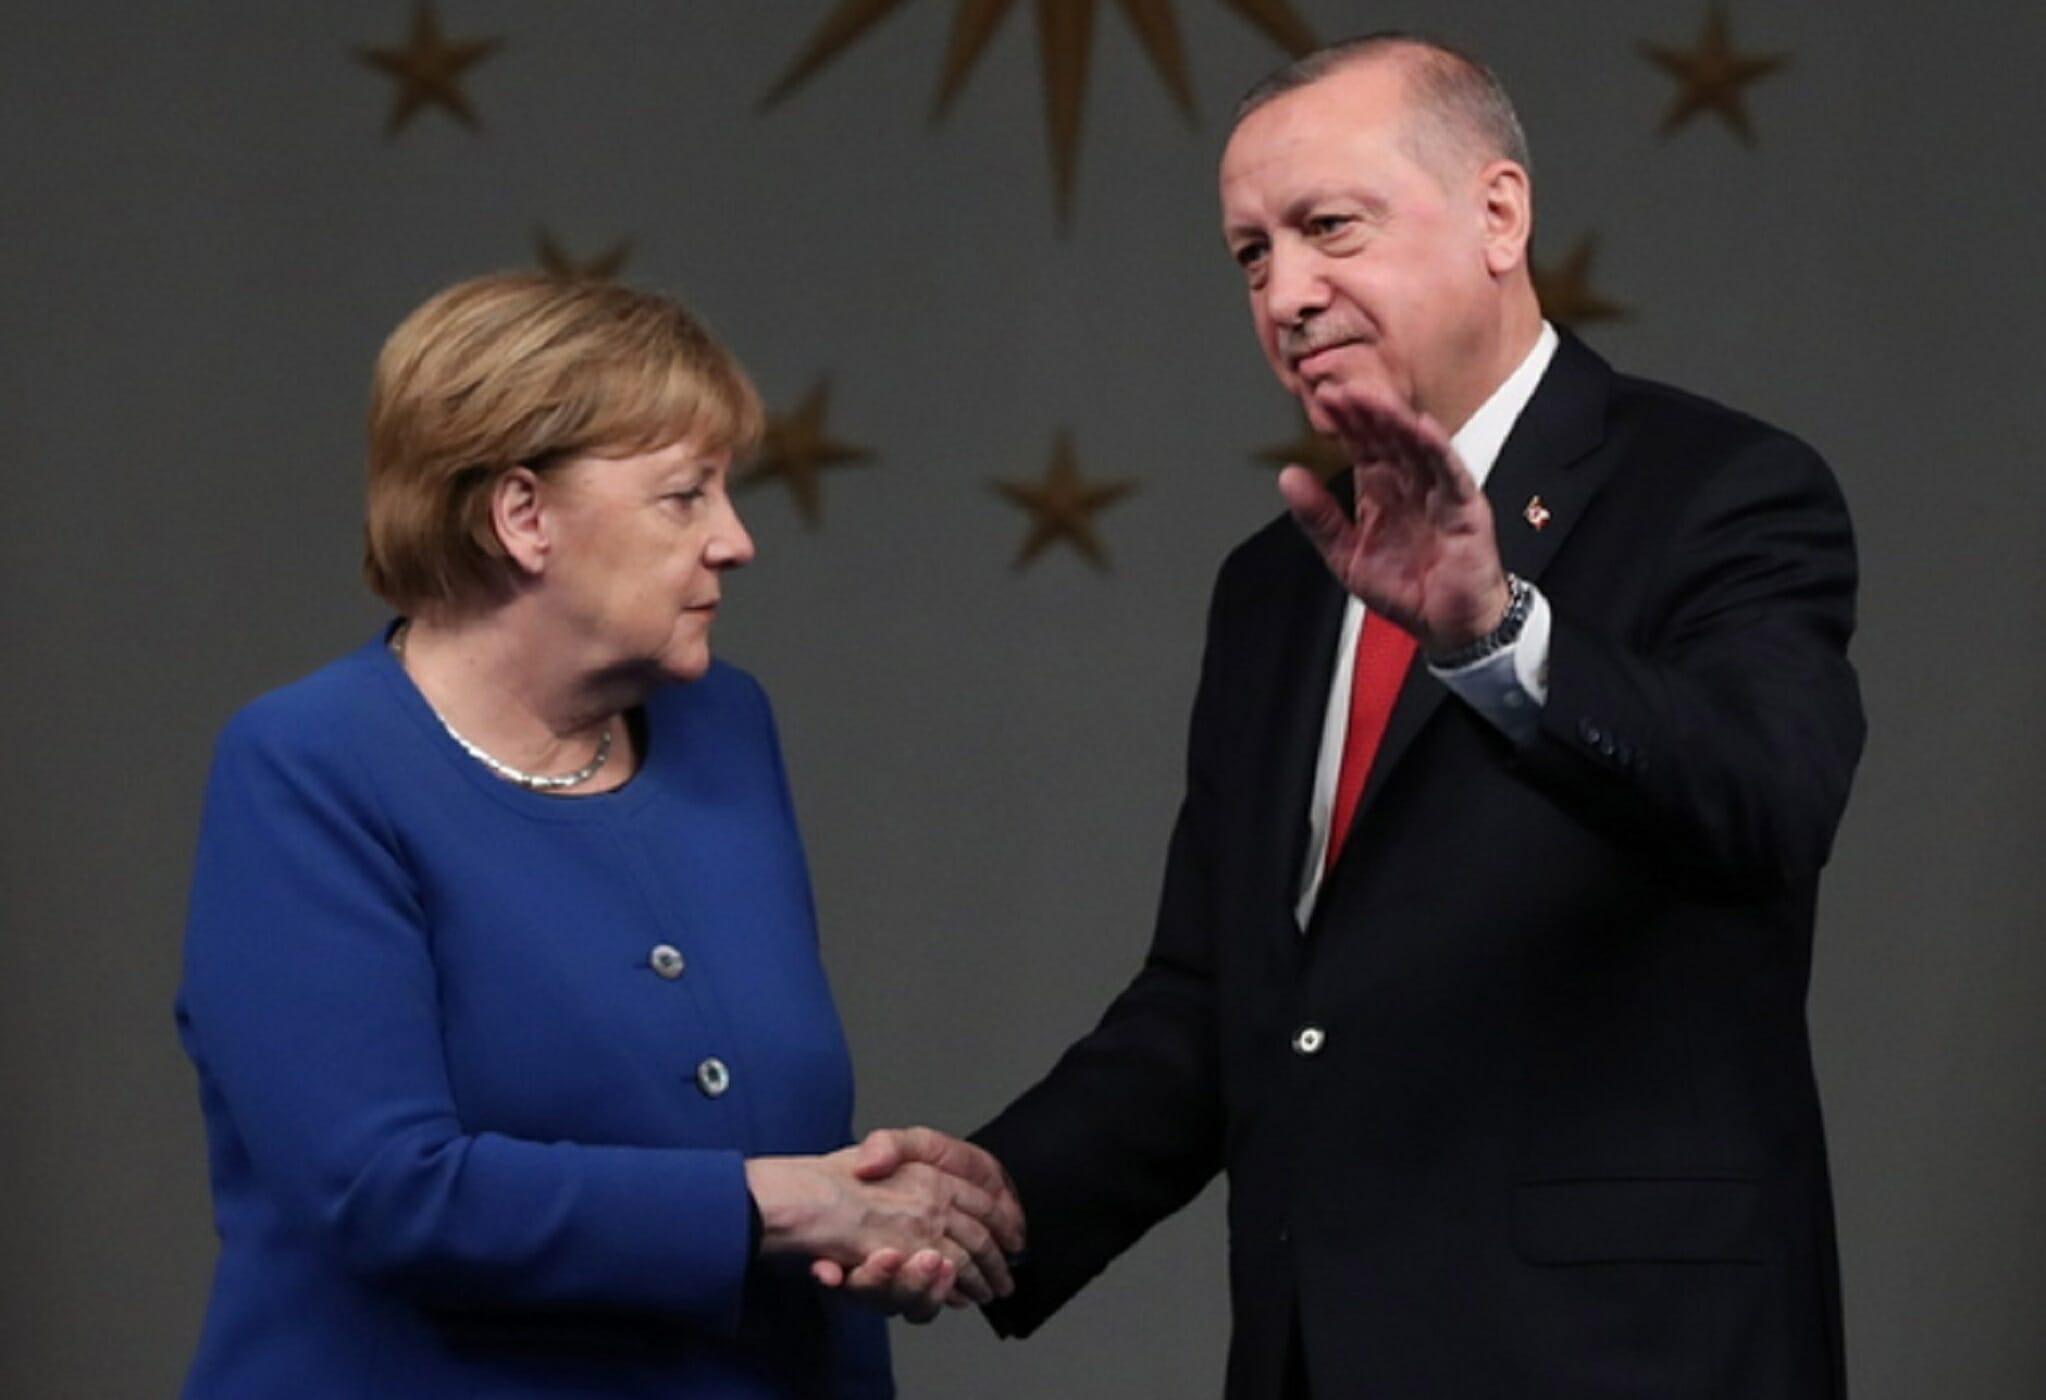 Γερμανία: Σάλος για τη συμμετοχή τουρκικής οργάνωσης στη θρησκευτική διδασκαλία μουσουλμάνων μαθητών